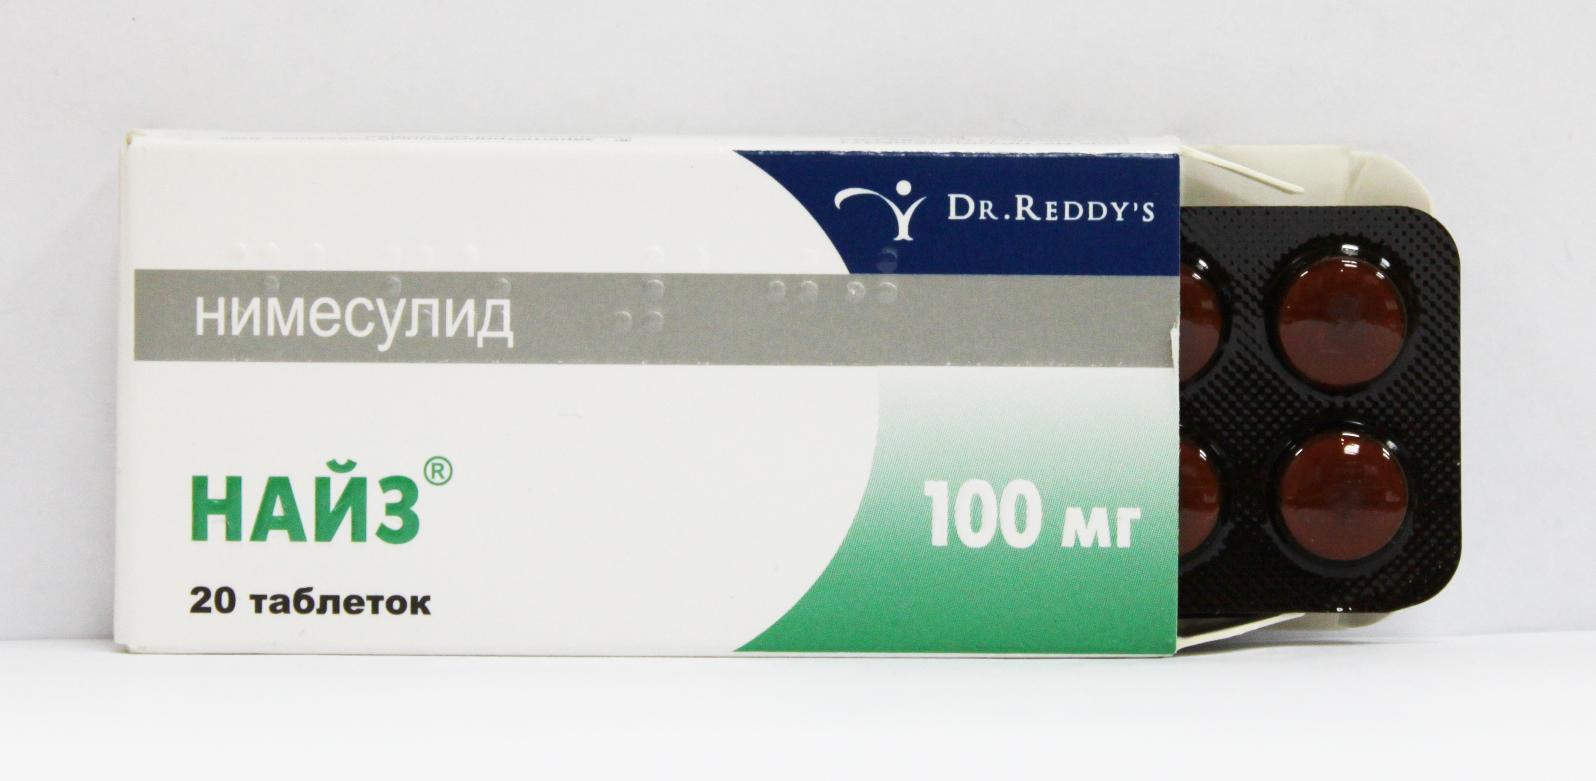 Что делать с острой зубной болью в домашних условиях: препараты из аптеки, народные средства и массаж